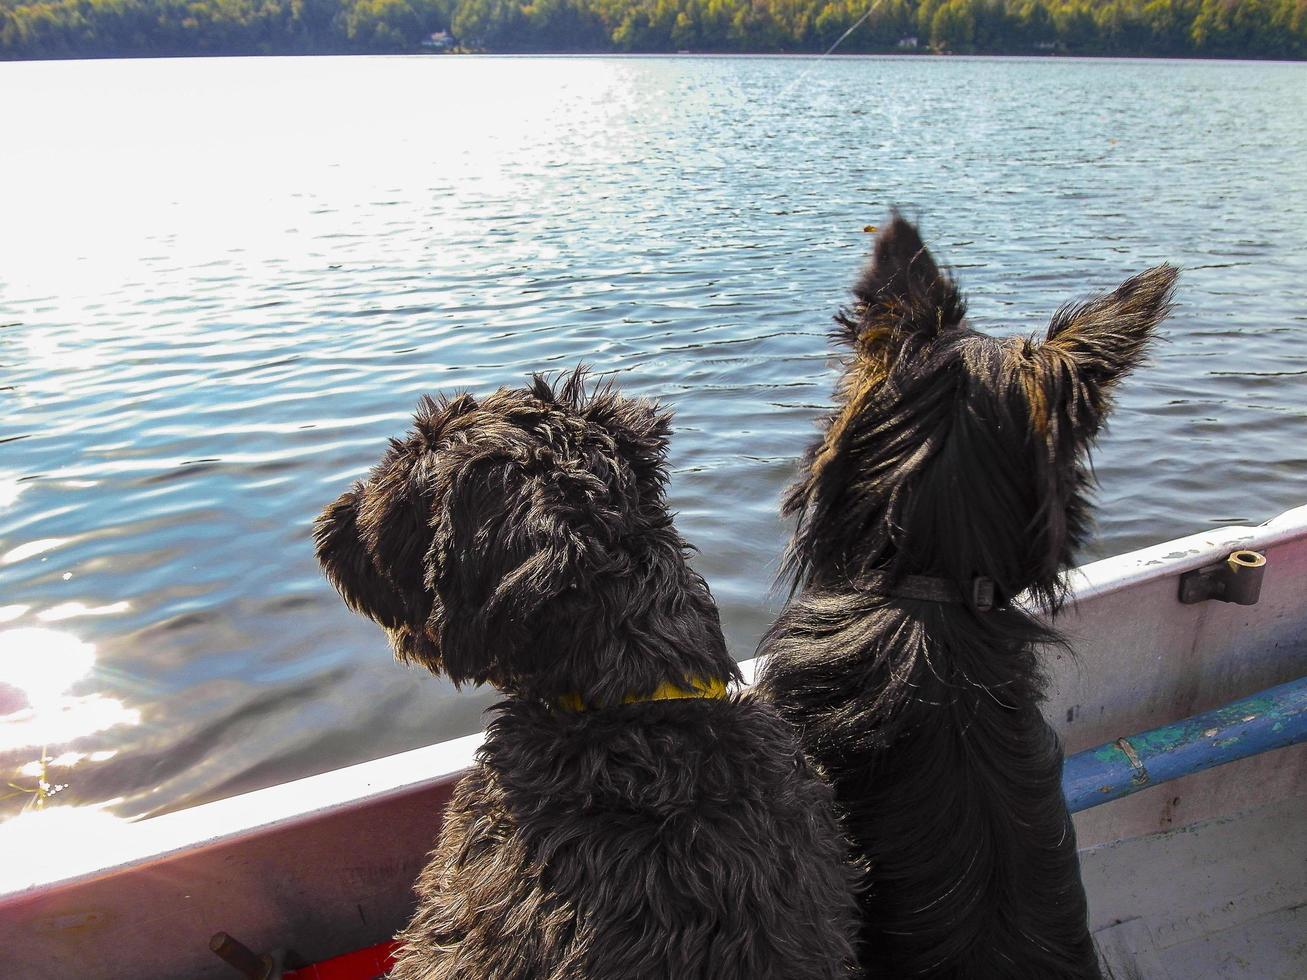 Deux chiens dans un bateau donnant sur un lac avec une forêt en arrière-plan photo